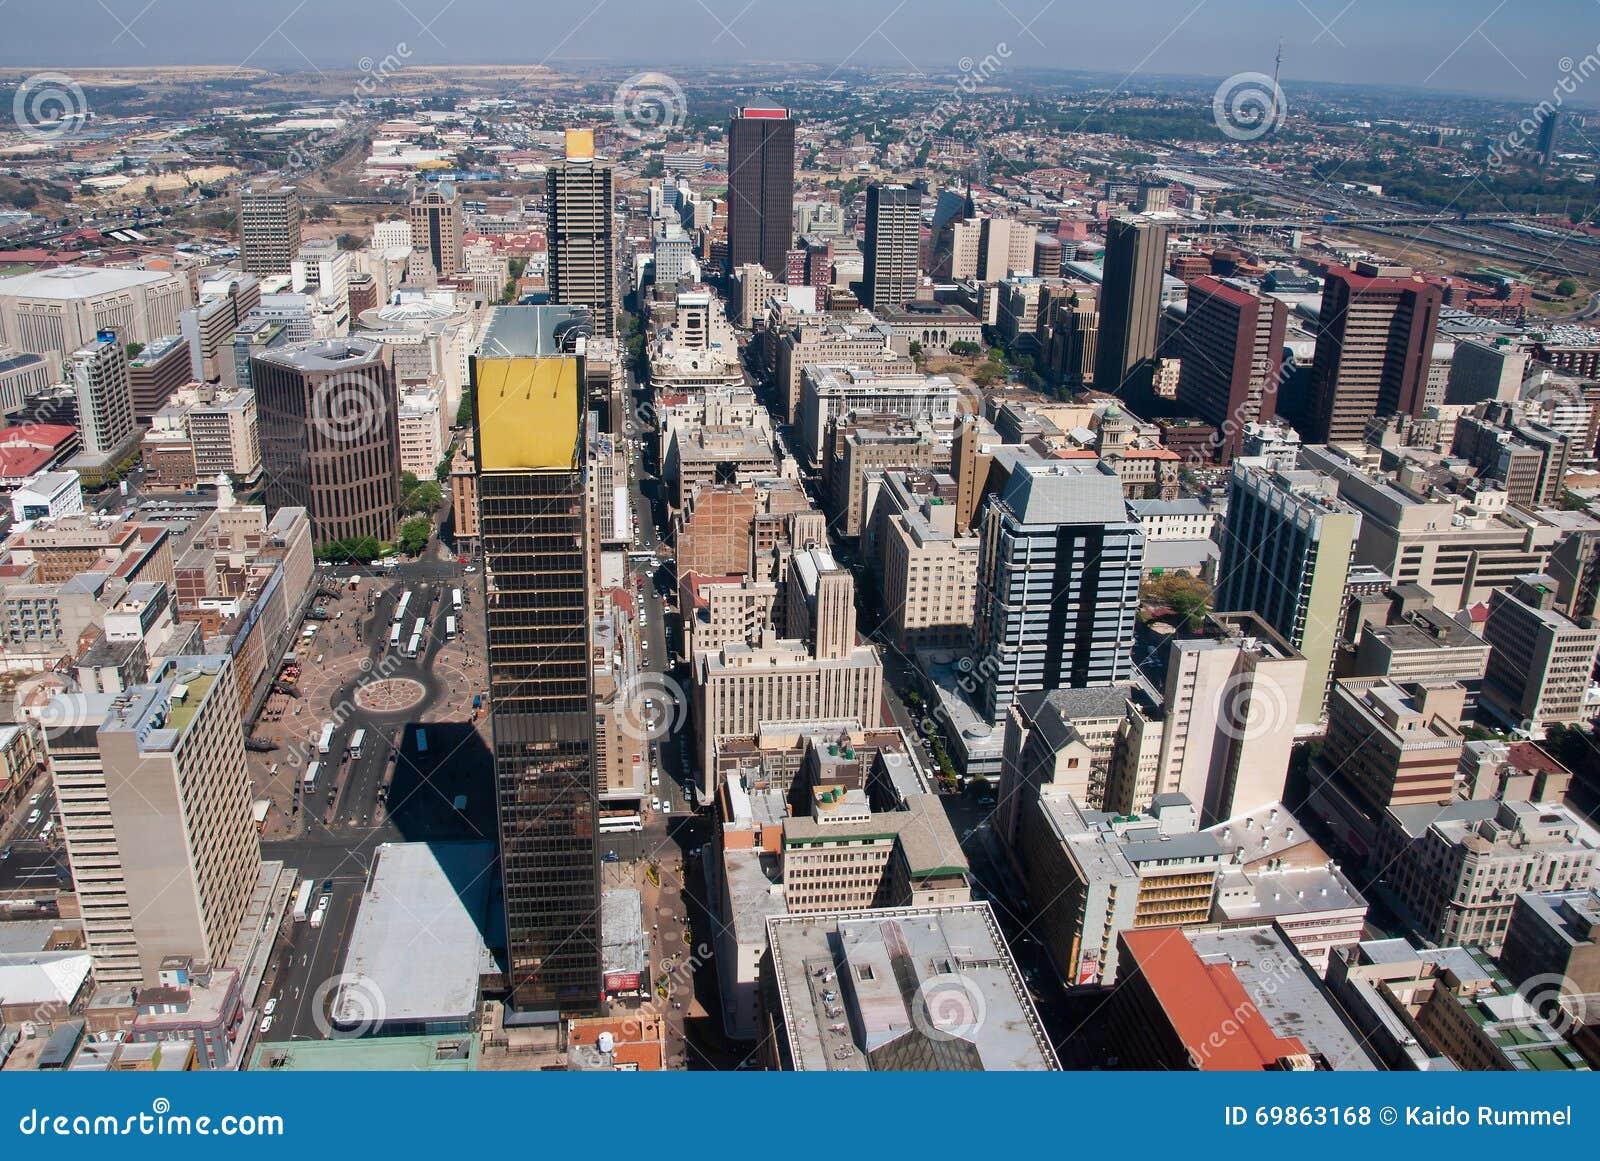 De Stad van Johannesburg